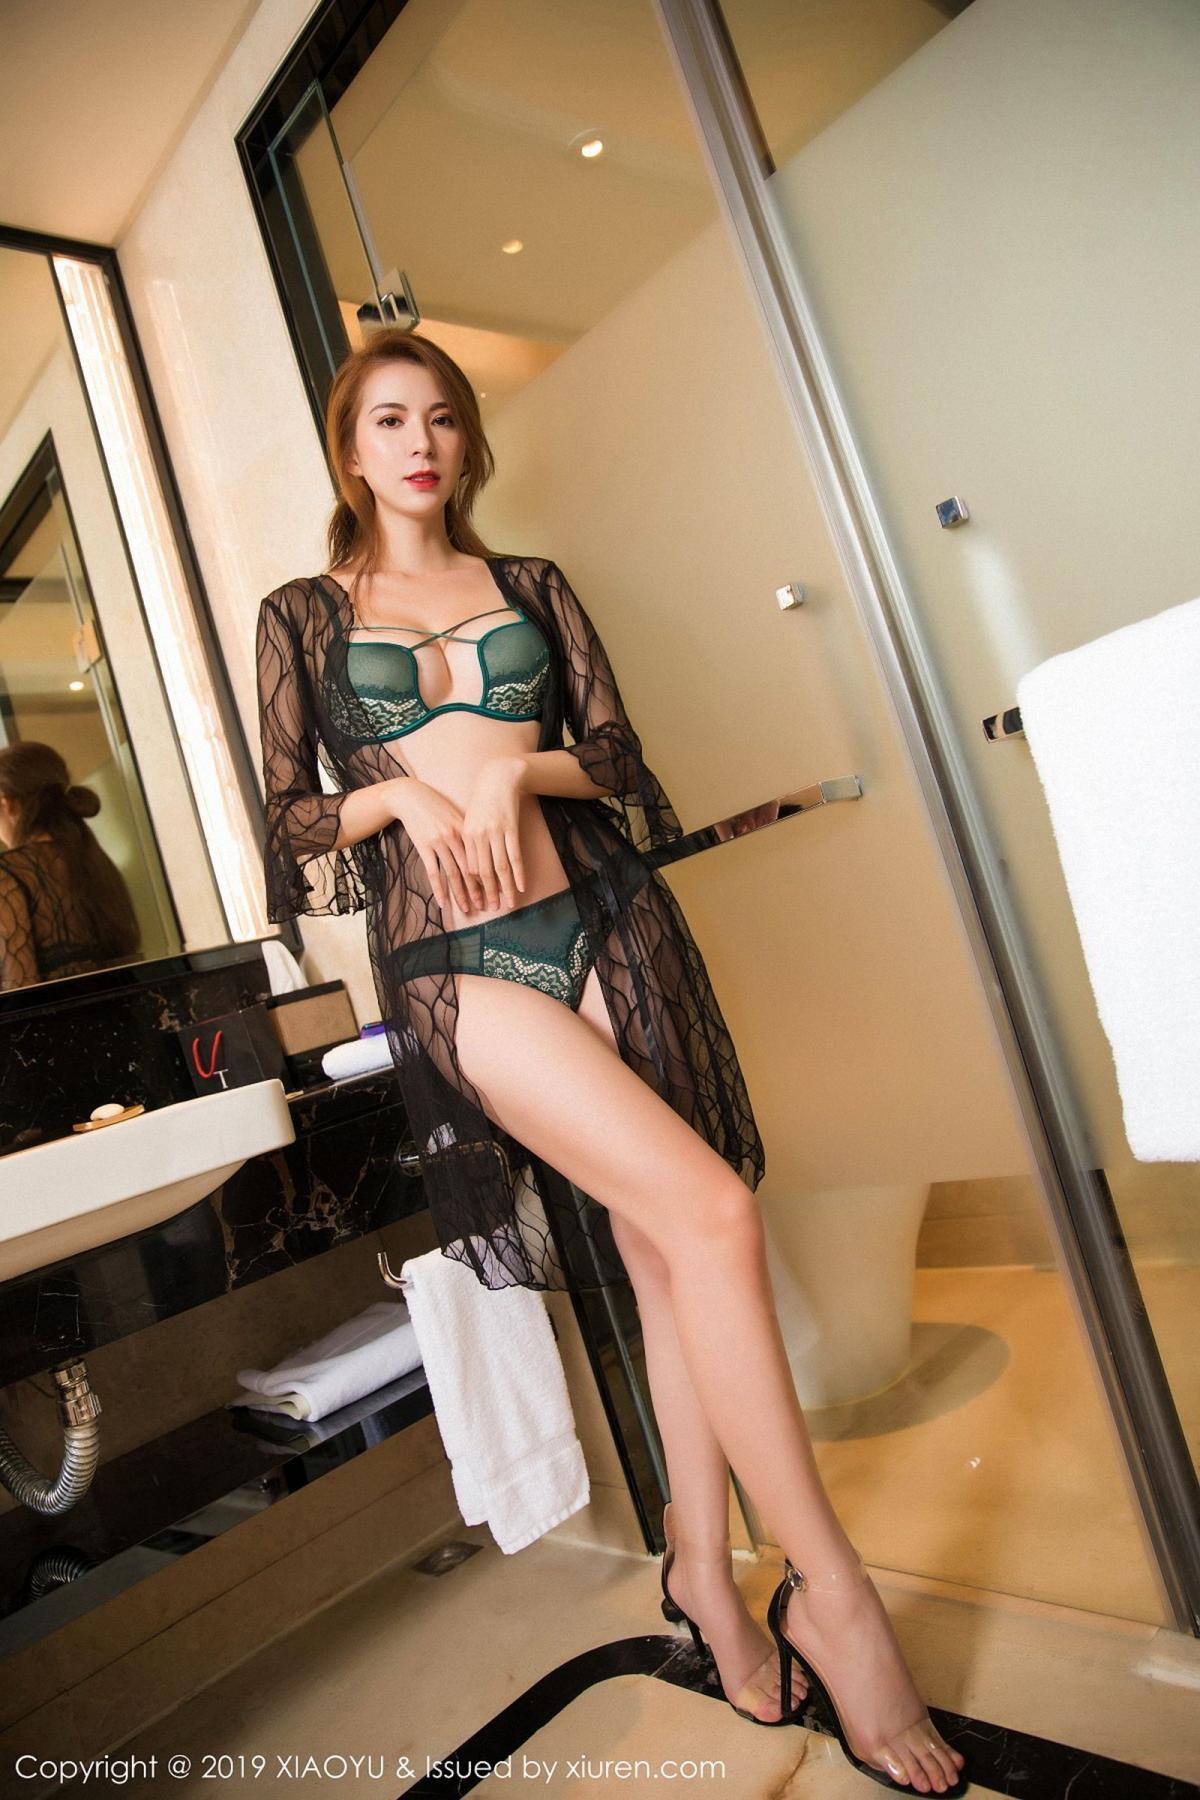 [XiaoYu] Vol.033 Chen Liang Ling 21P, Chen Liang Ling, Tall, Underwear, XiaoYu